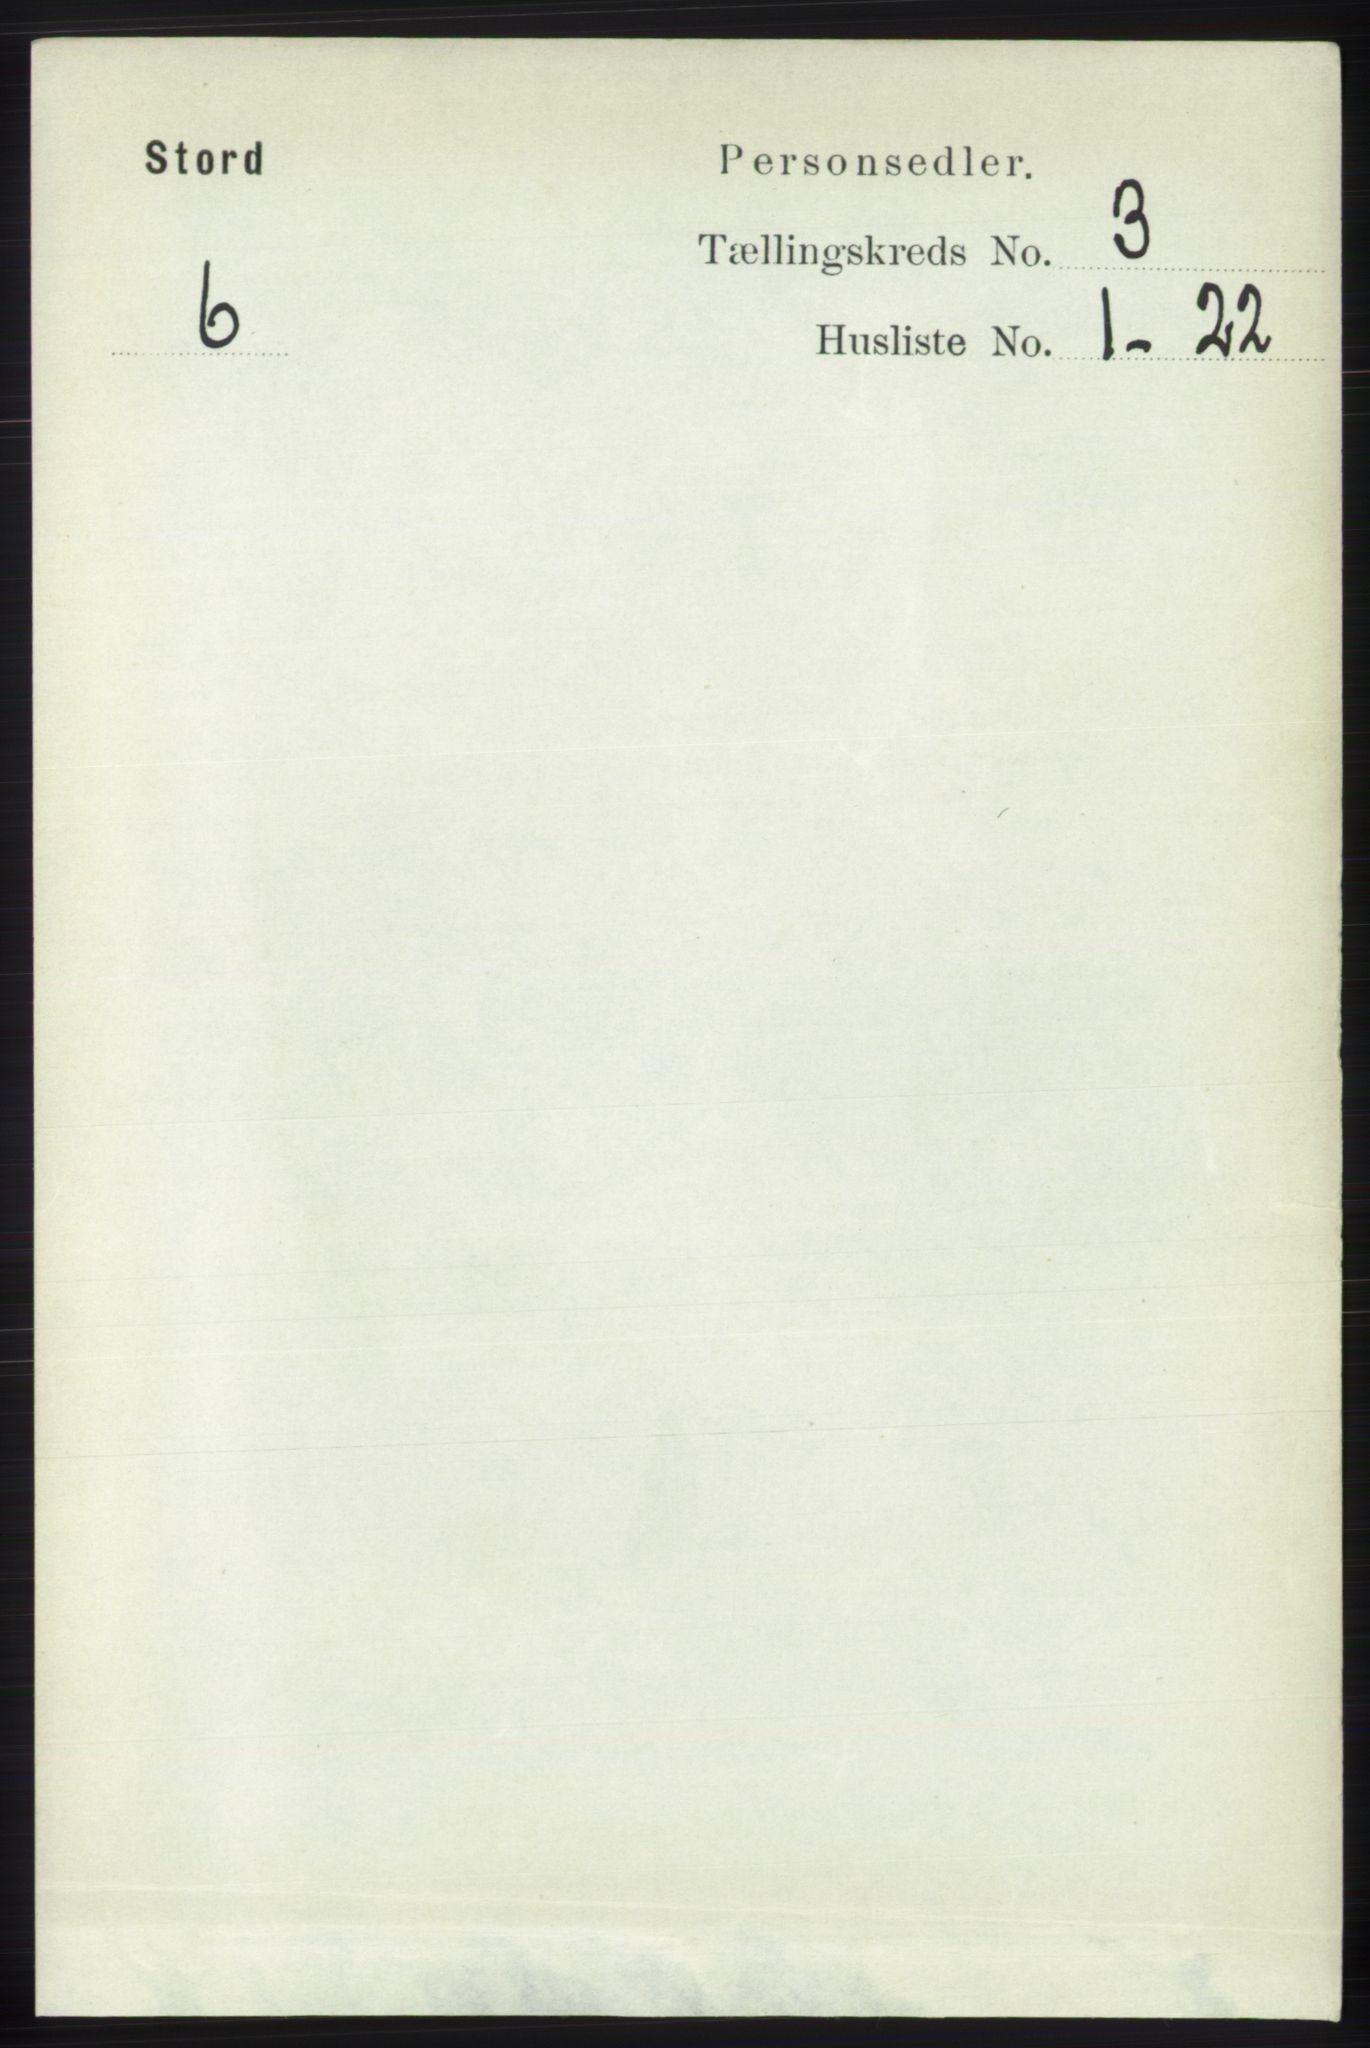 RA, Folketelling 1891 for 1221 Stord herred, 1891, s. 532